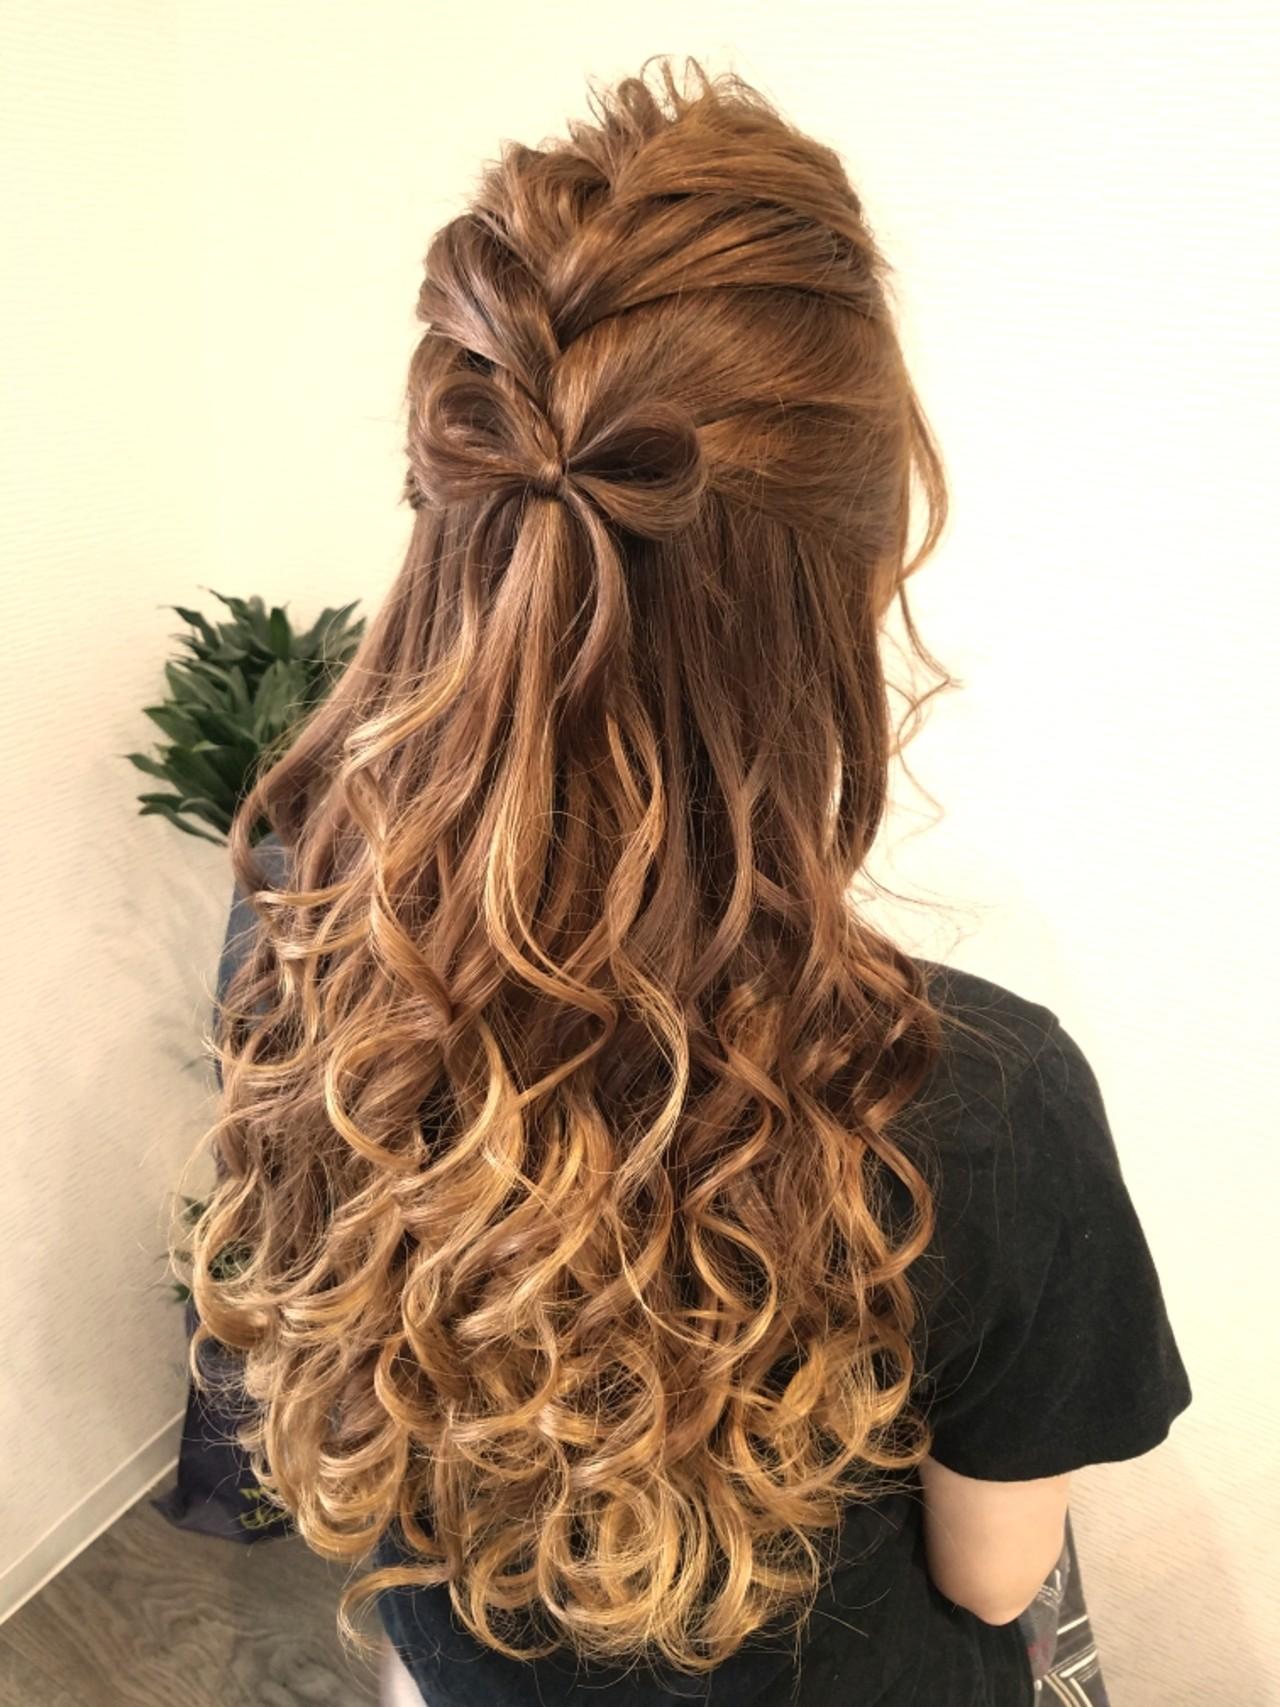 編み込み ヘアアレンジ フェミニン ハーフアップ ヘアスタイルや髪型の写真・画像 | mai / HAIR SALON STELLA